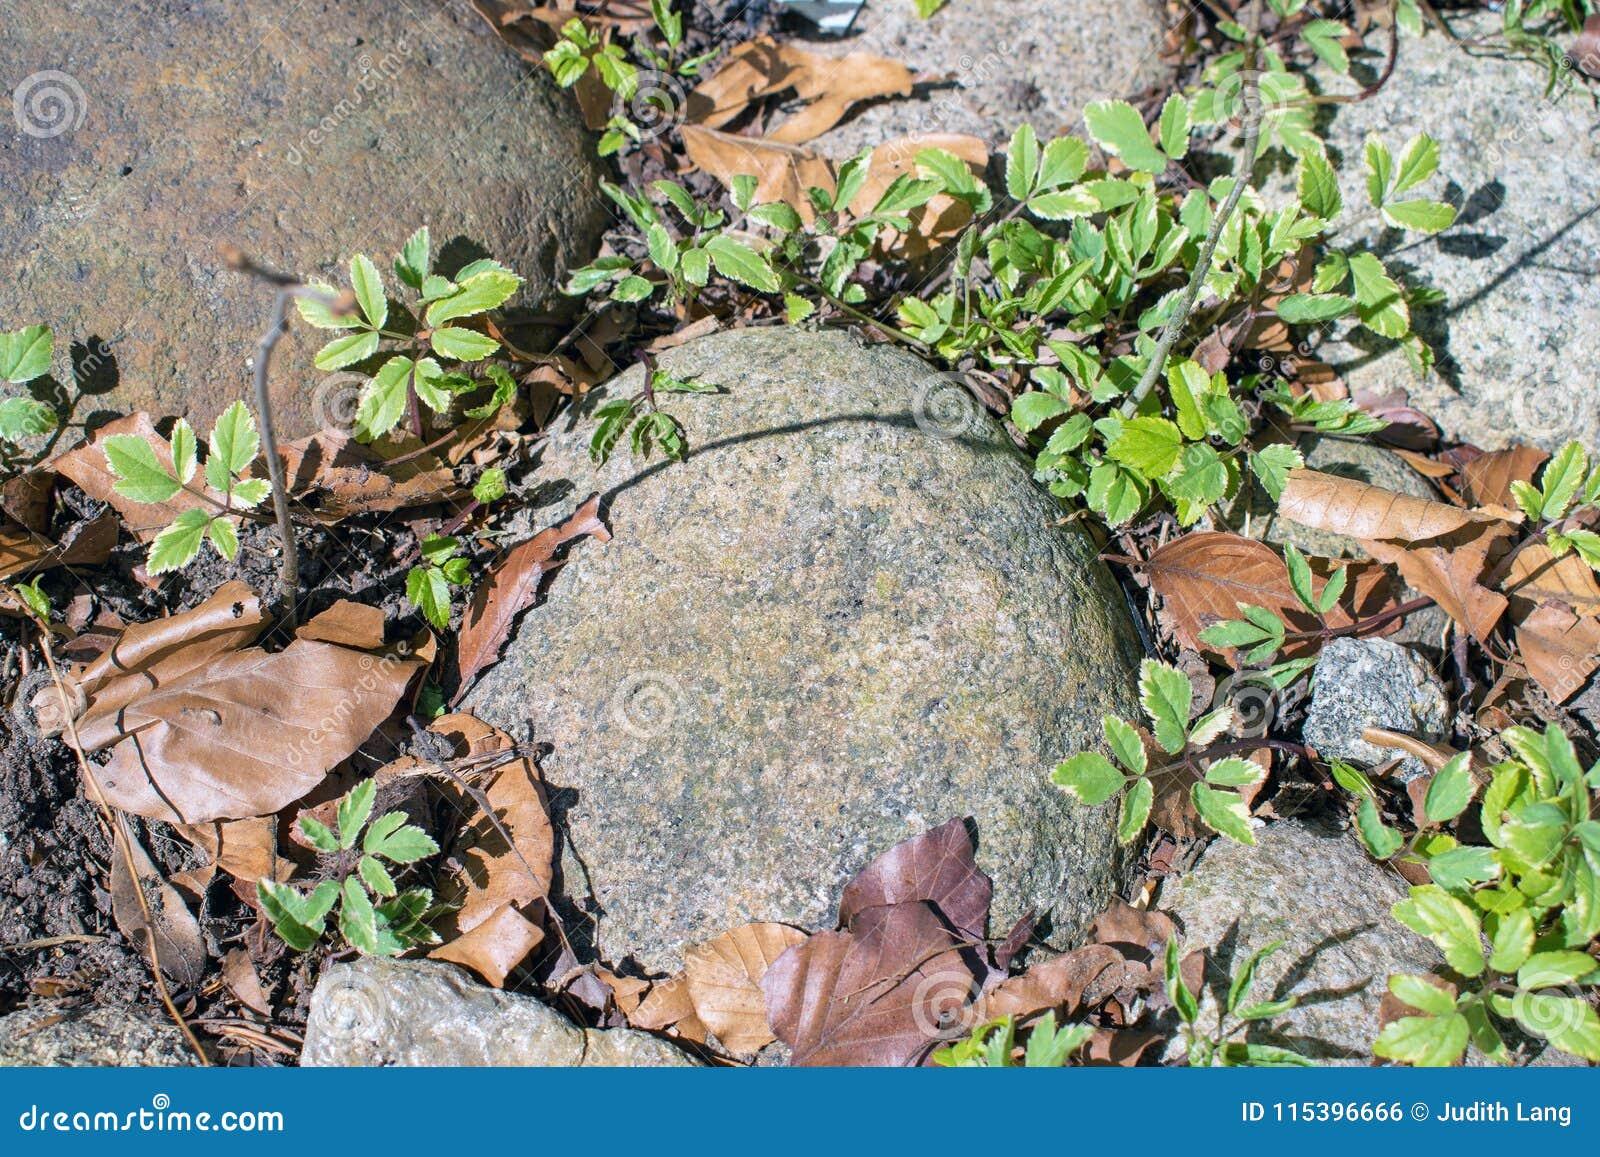 Οι βράχοι, φυτά και φύλλα, αναπηδούν τον καθαρό επάνω χρόνο